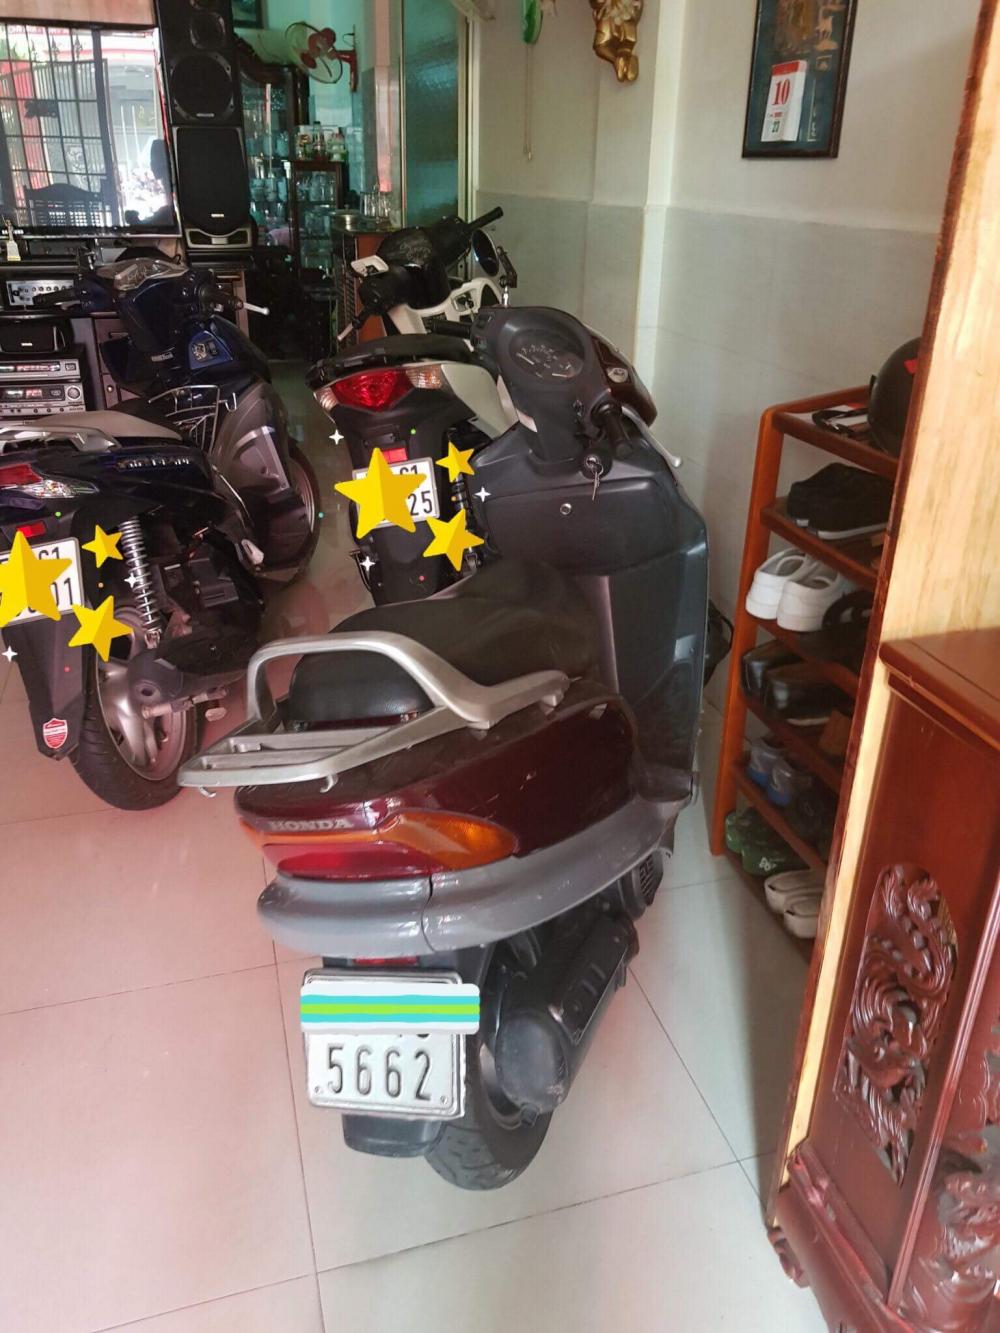 Ban xe Spacy 2000 Nhat 1 doi chu - 2